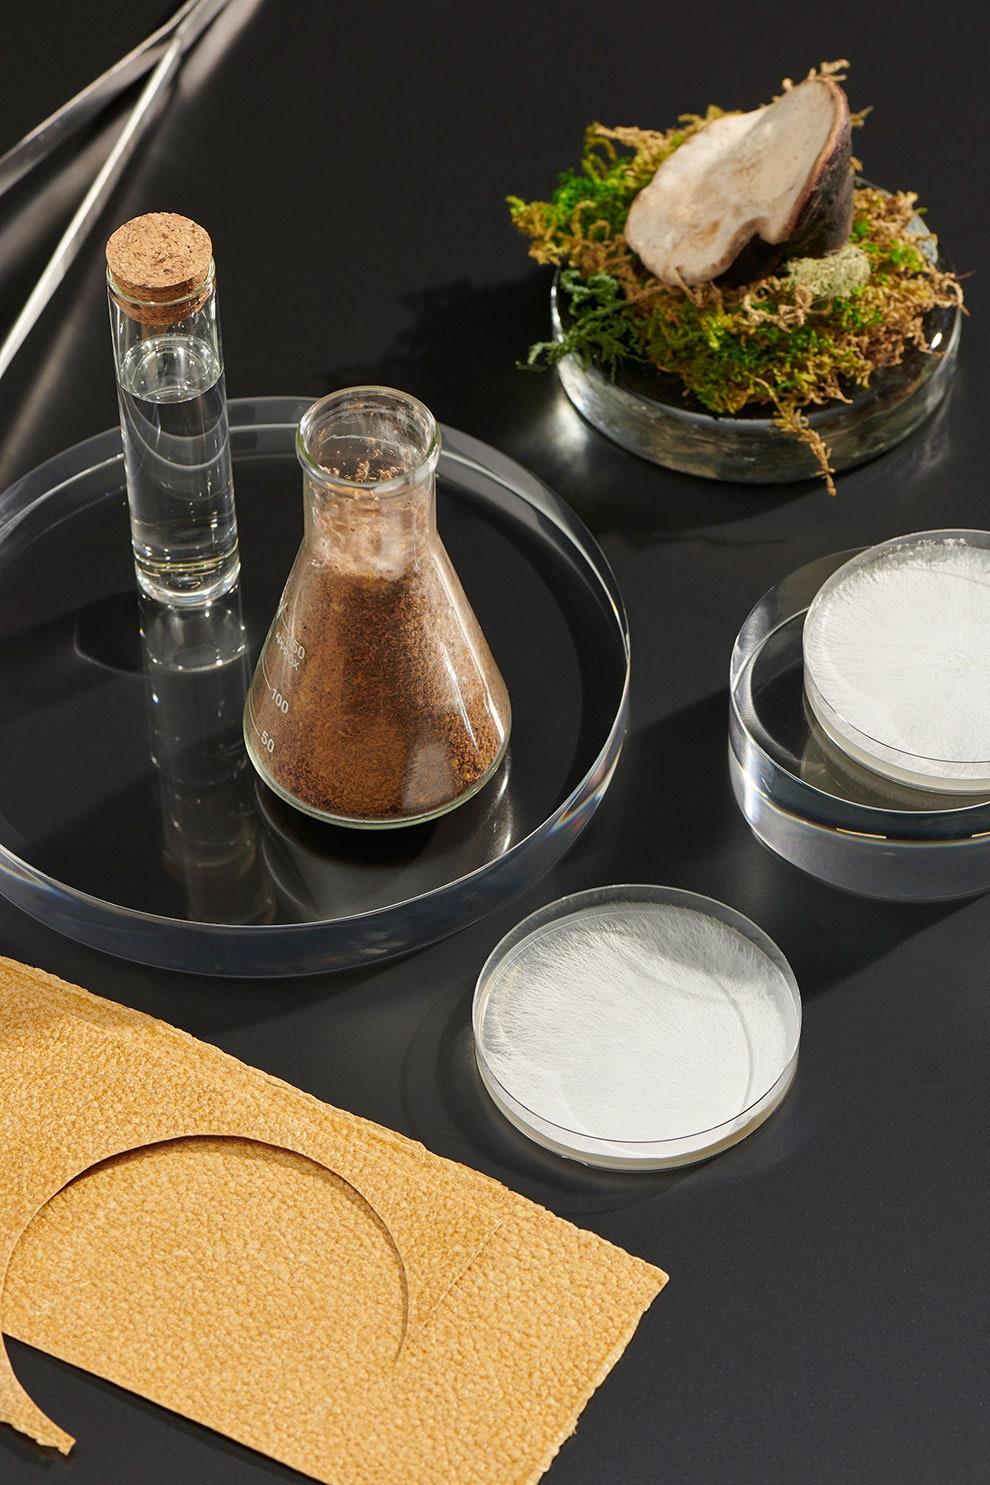 Станет ли веганская кожа, выращенная в лаборатории, материалом будущего